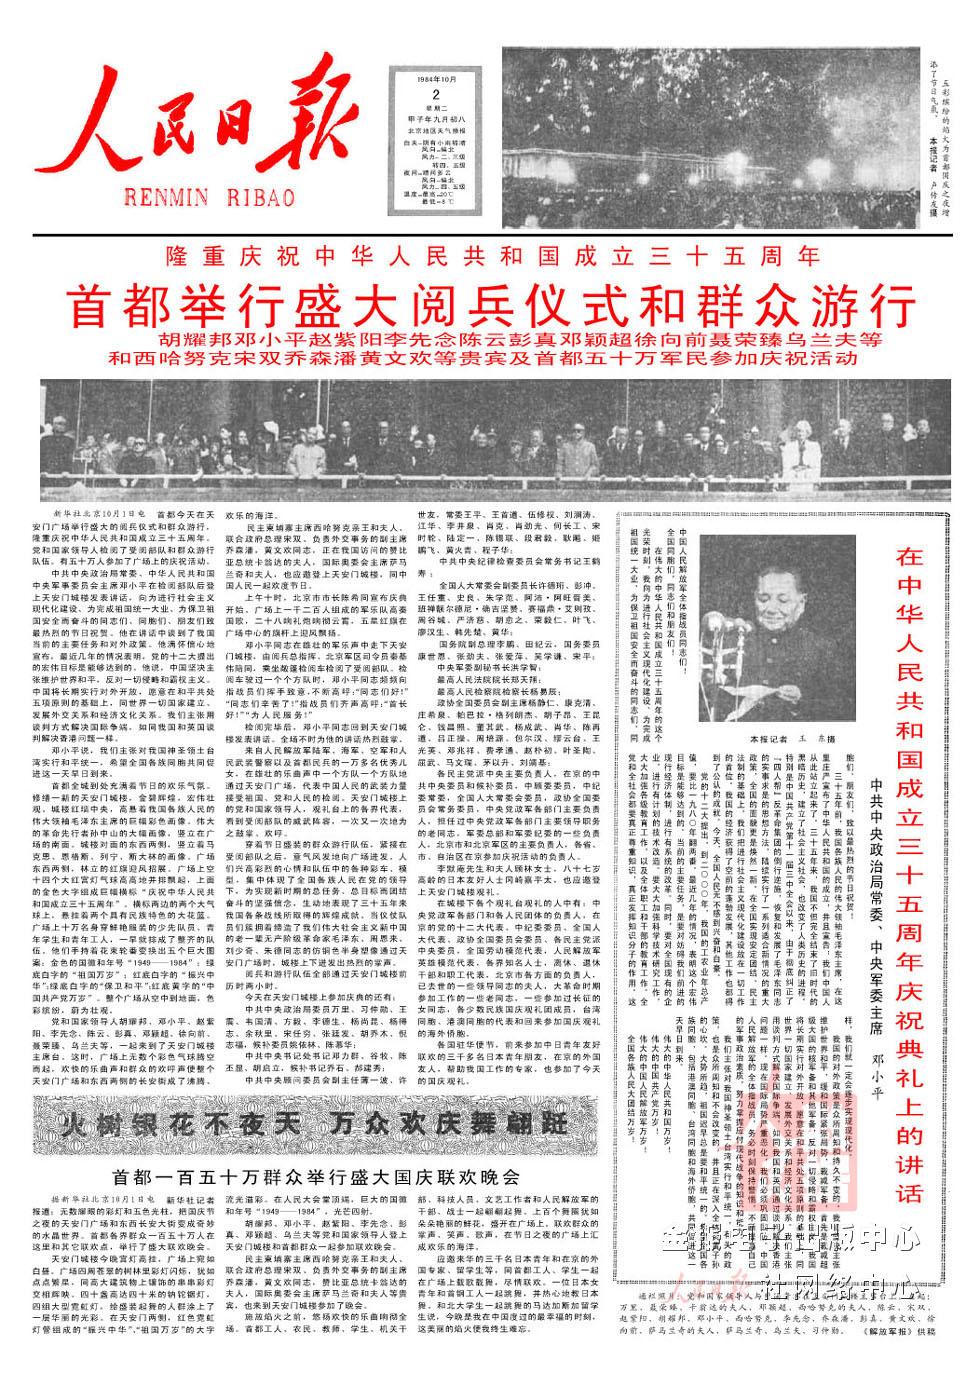 《人民日報》1984年10月2日頭版報導國慶三十五週年閱兵。圖由人民日報圖文數據庫提供。